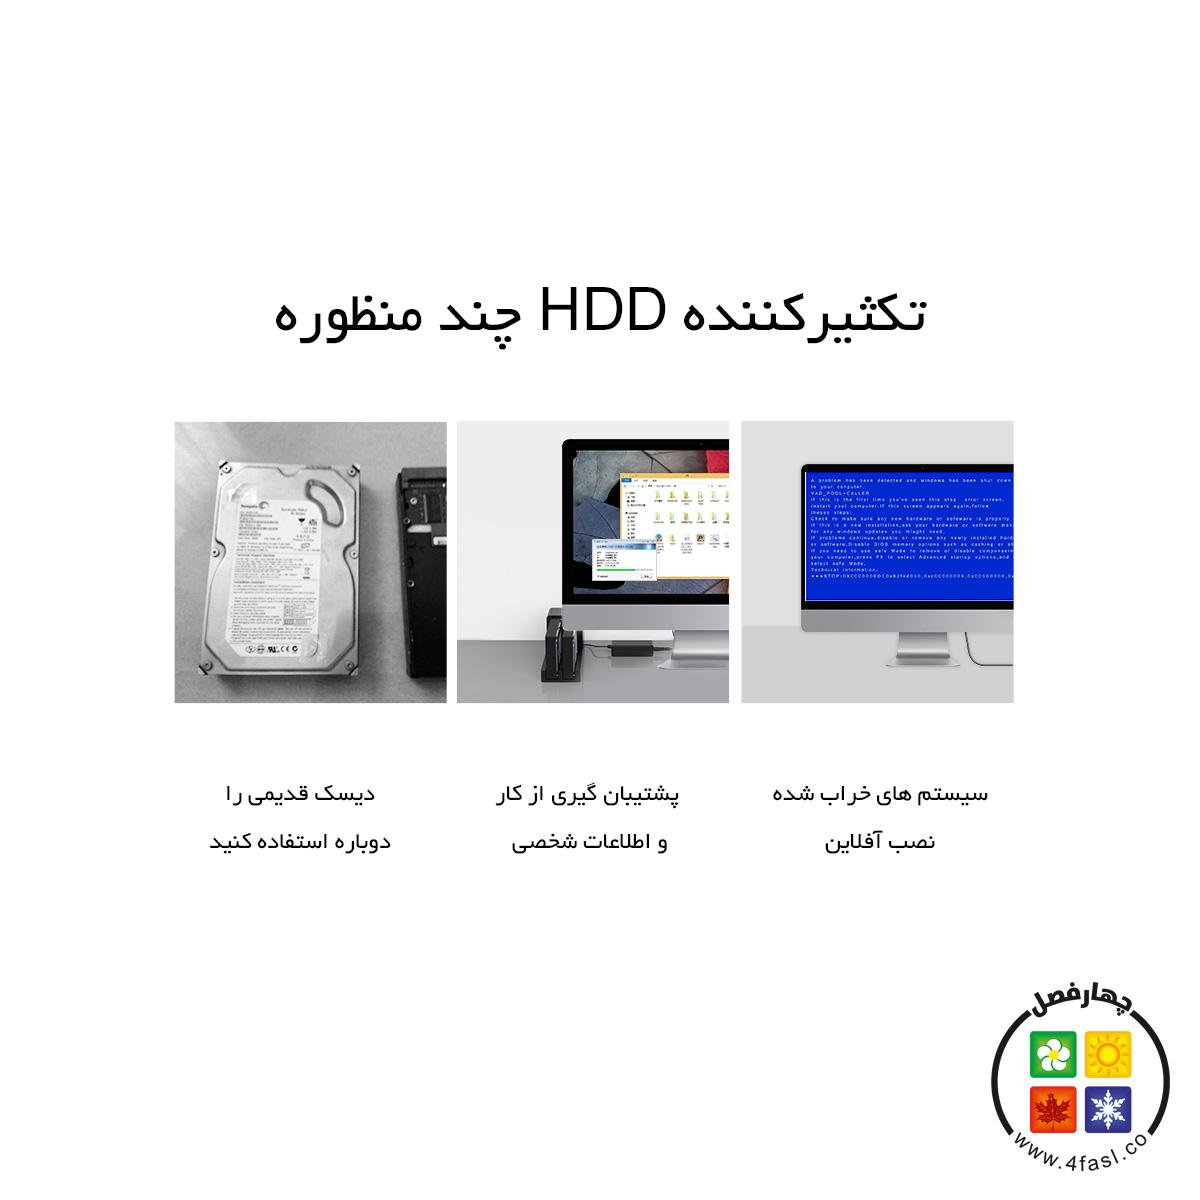 تکثیر کننده SSD و هارد